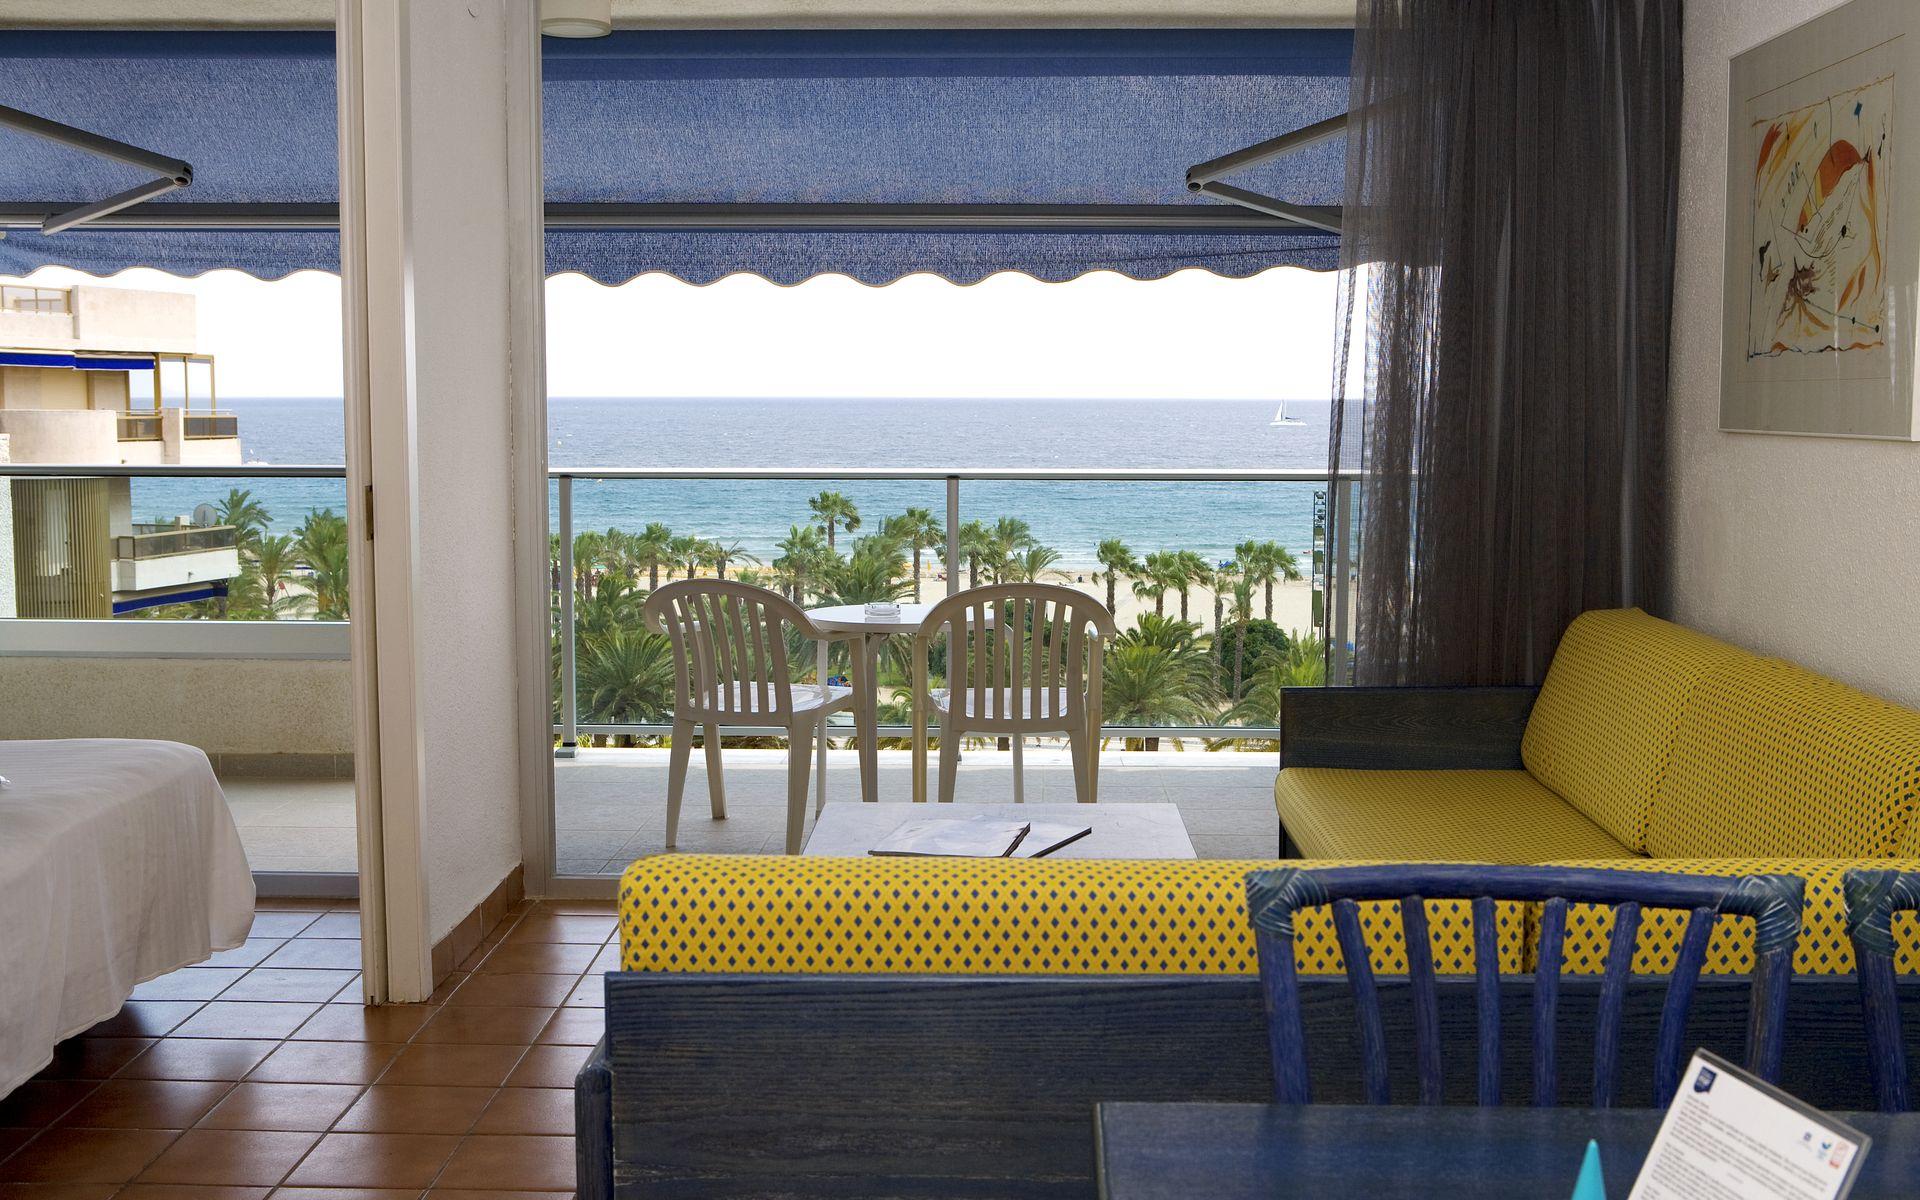 Blaumar hotel en salou costa dorada desde 29 - Television pequena plana ...